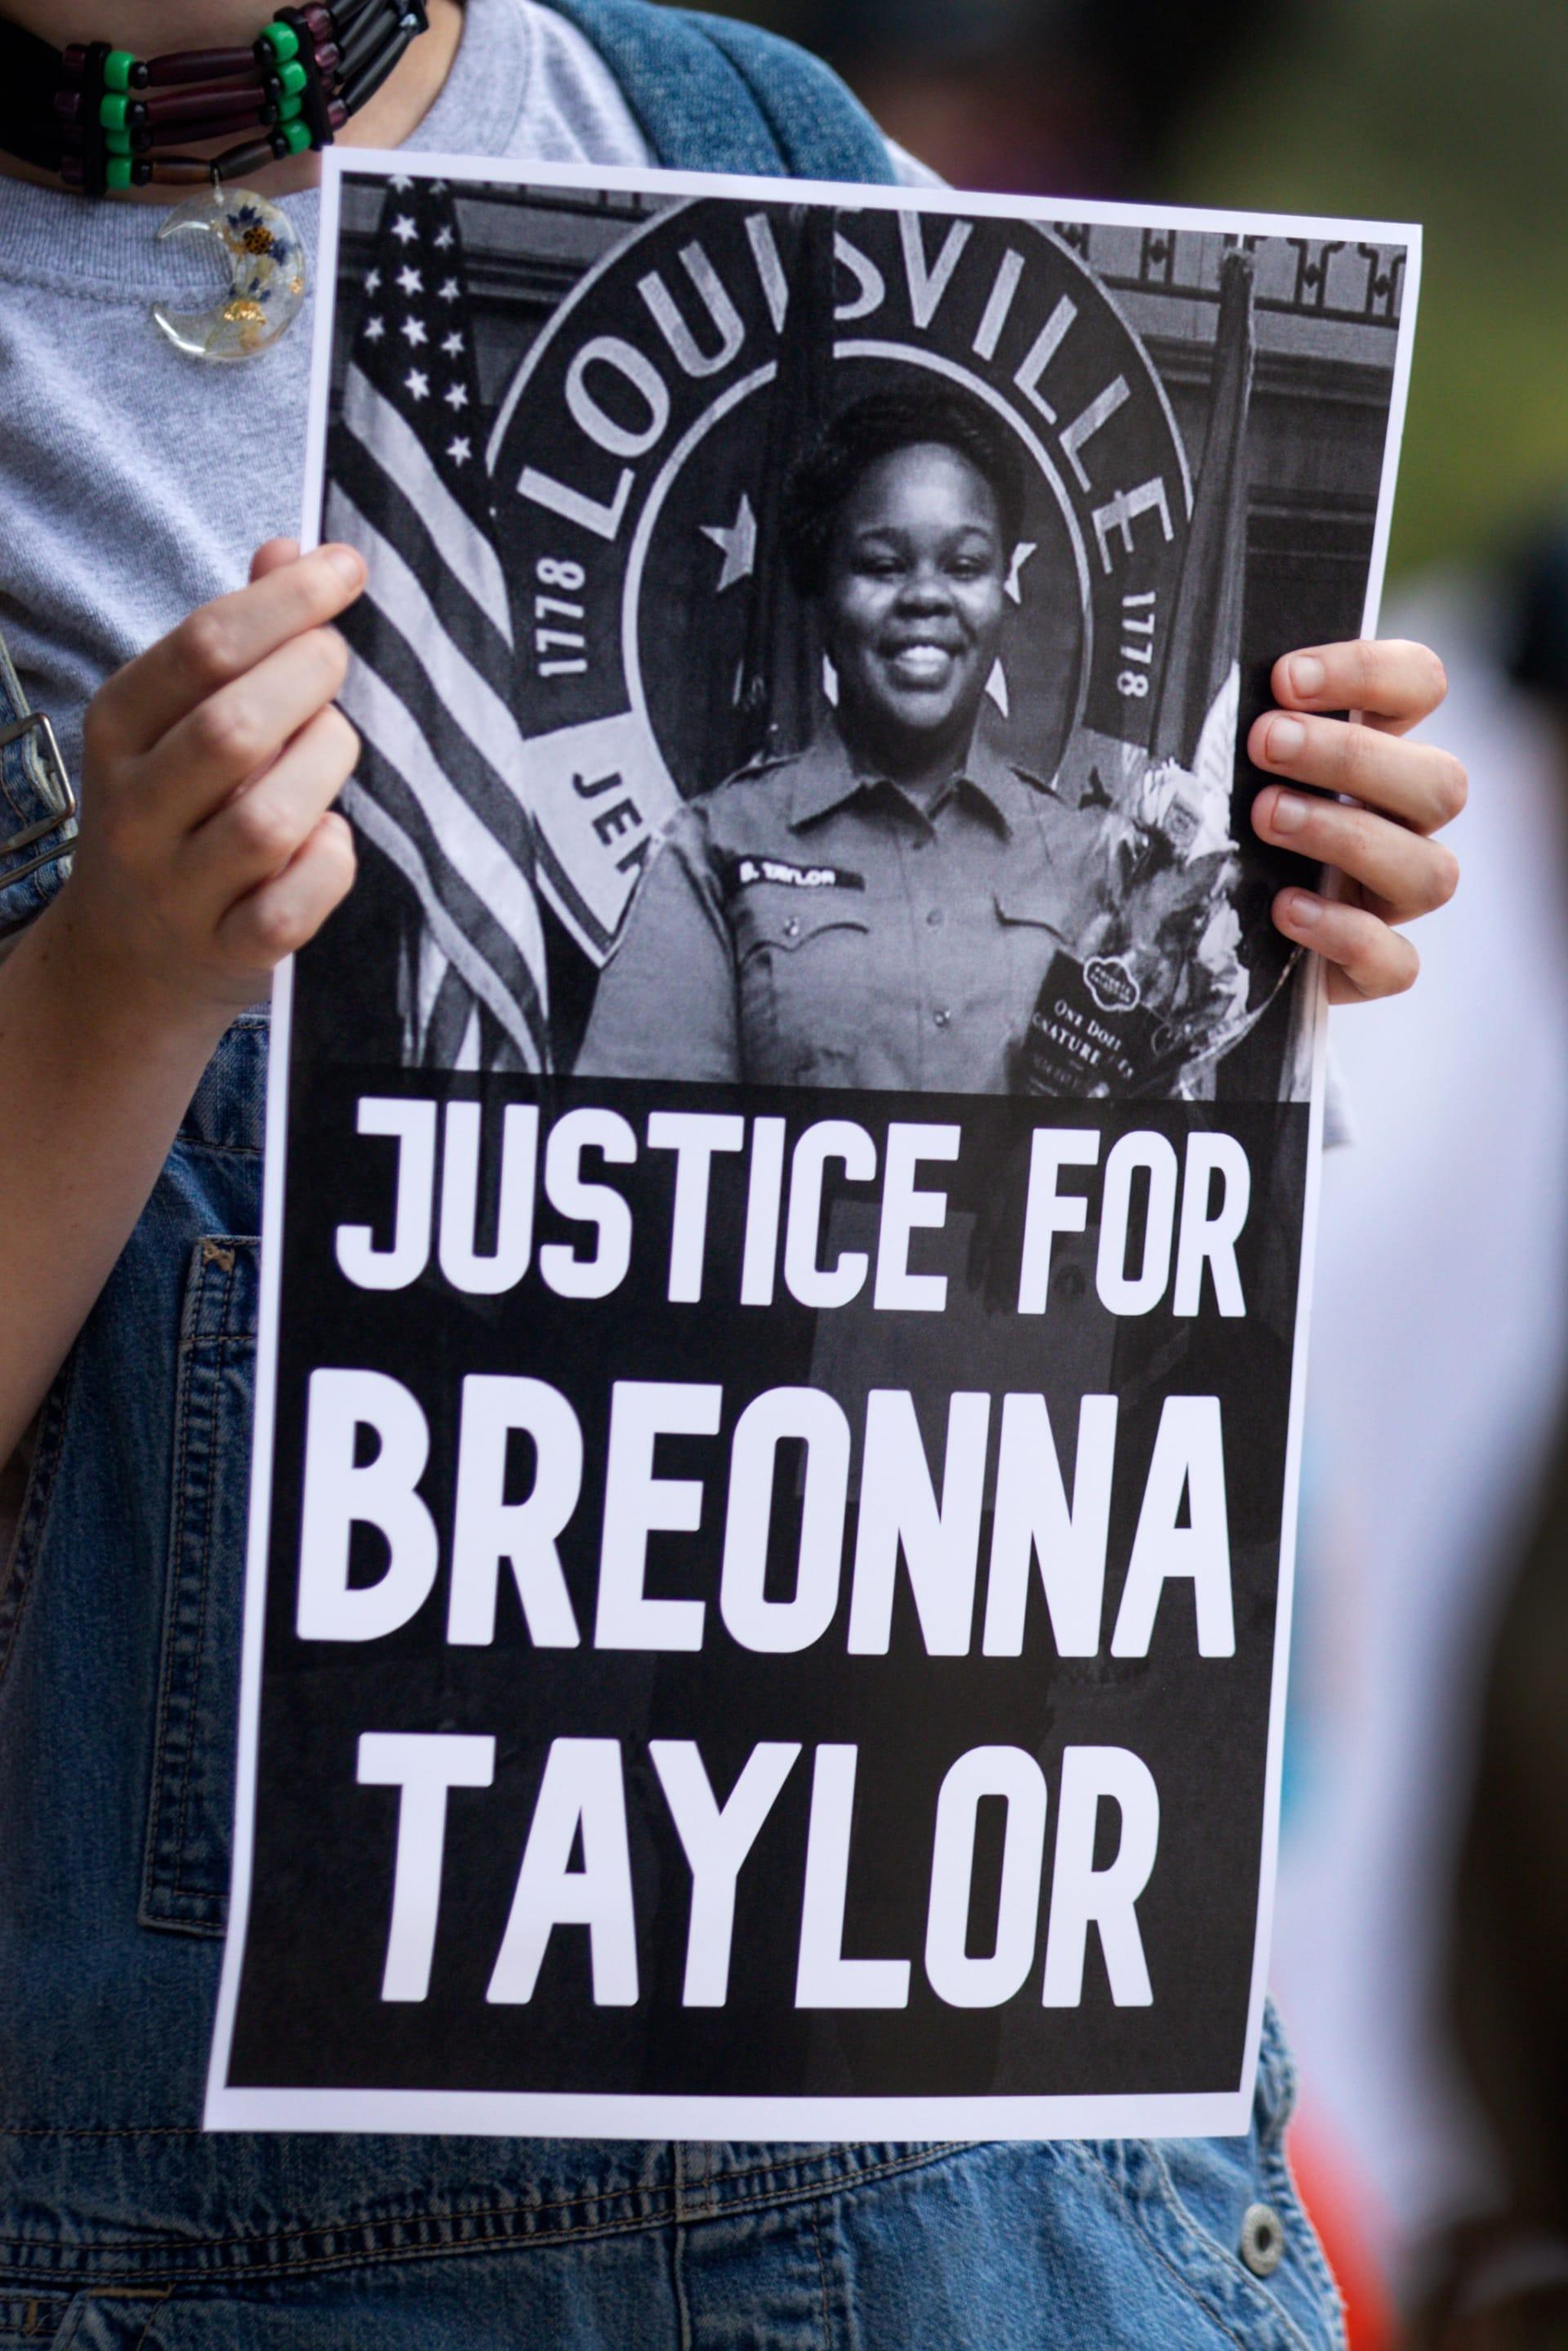 أمريكا: غضب وتظاهرات لعدم توجيه اتهامات مباشرة إلى ضباط شرطة في مقتل بريونا تايلور